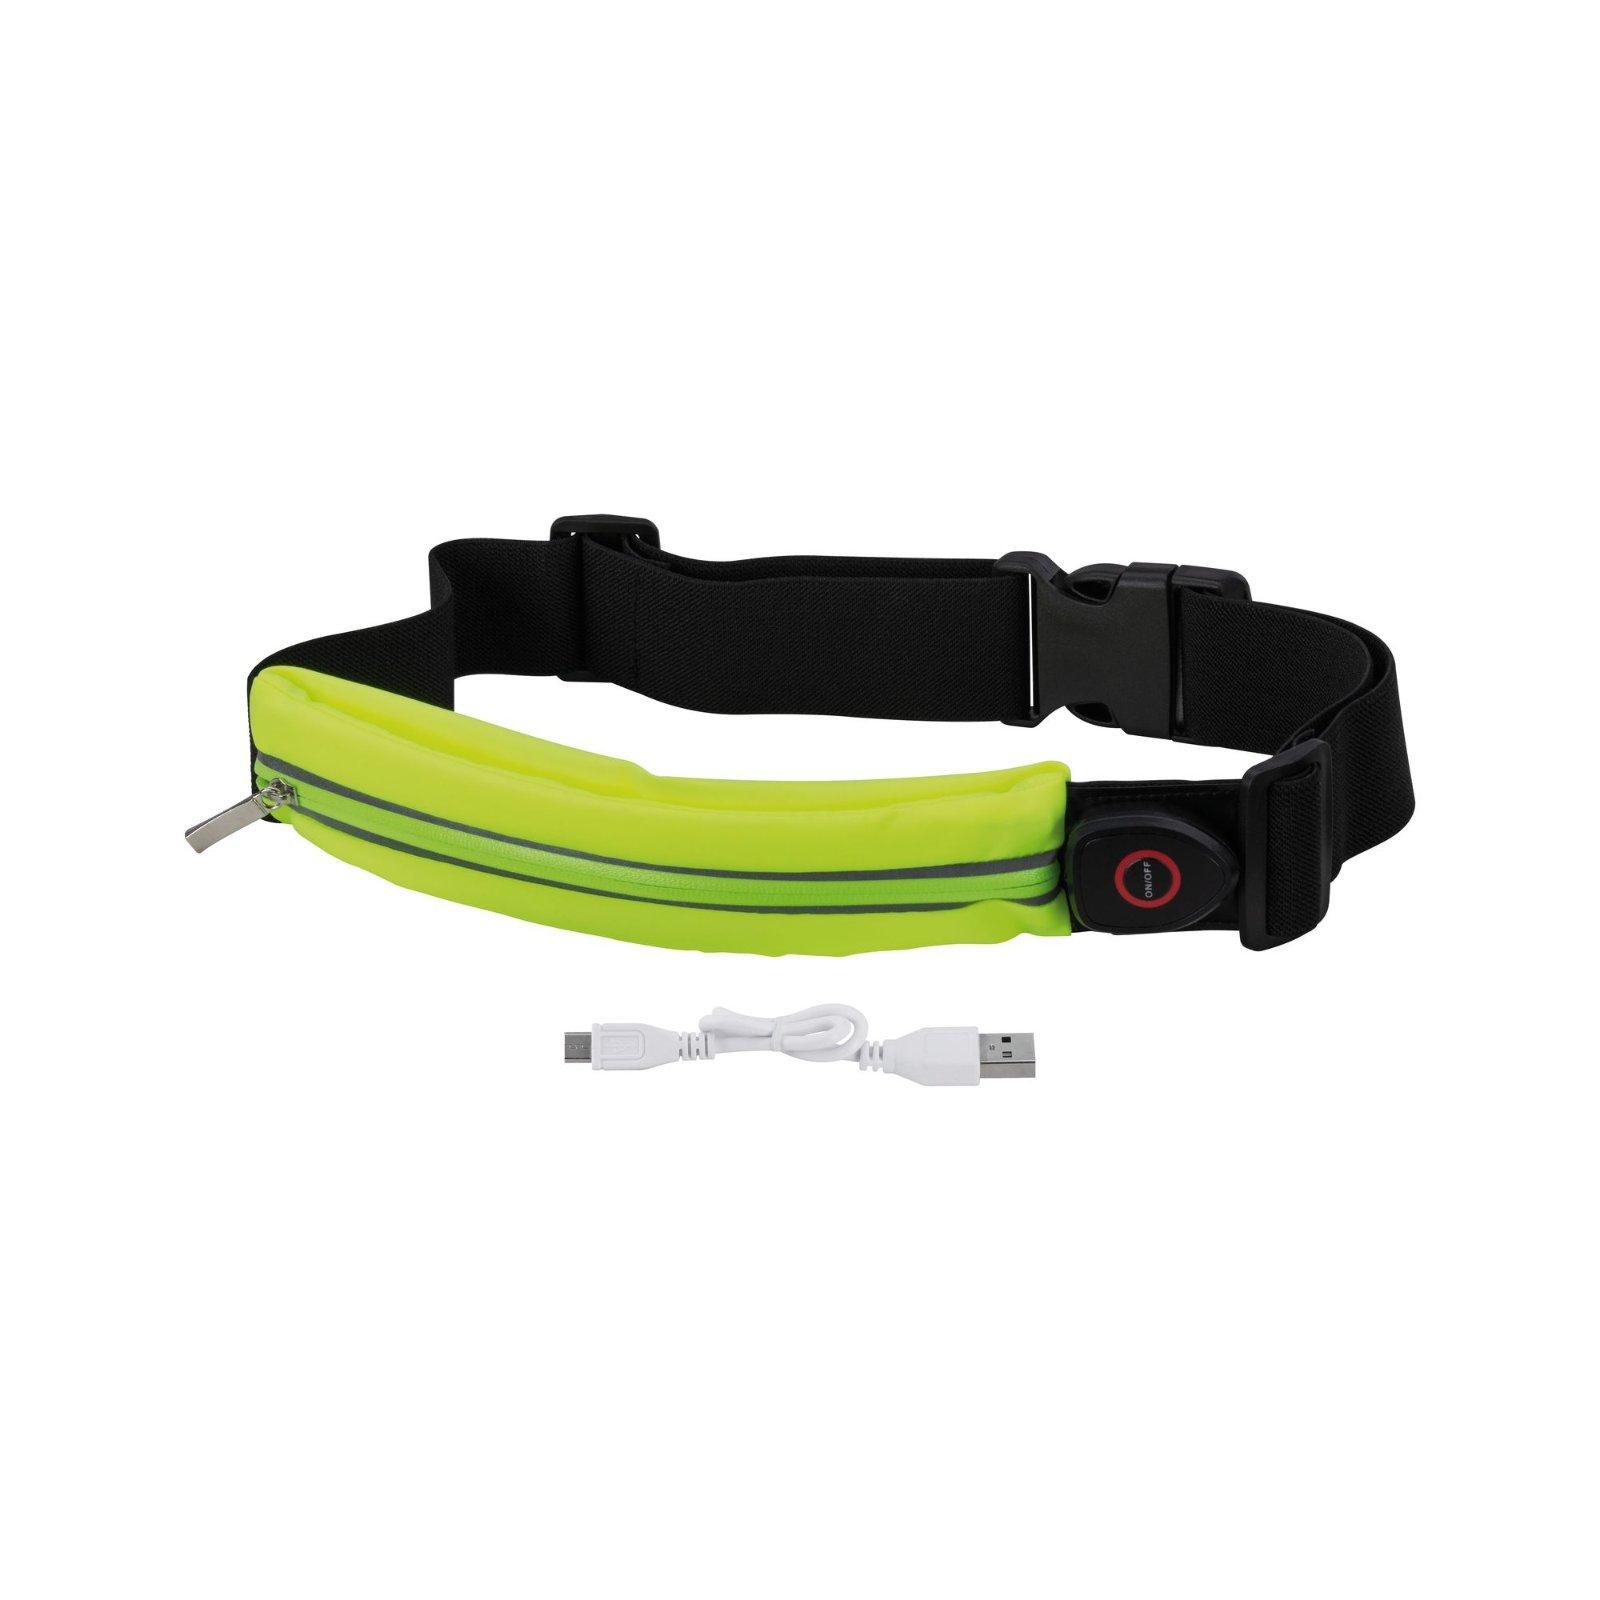 Сумка на талию со светодиодной подсветкой Paulmann Waist bag yellow rechargeable 70969, LED 0,4W, черный, зеленый, текстиль - фото 5